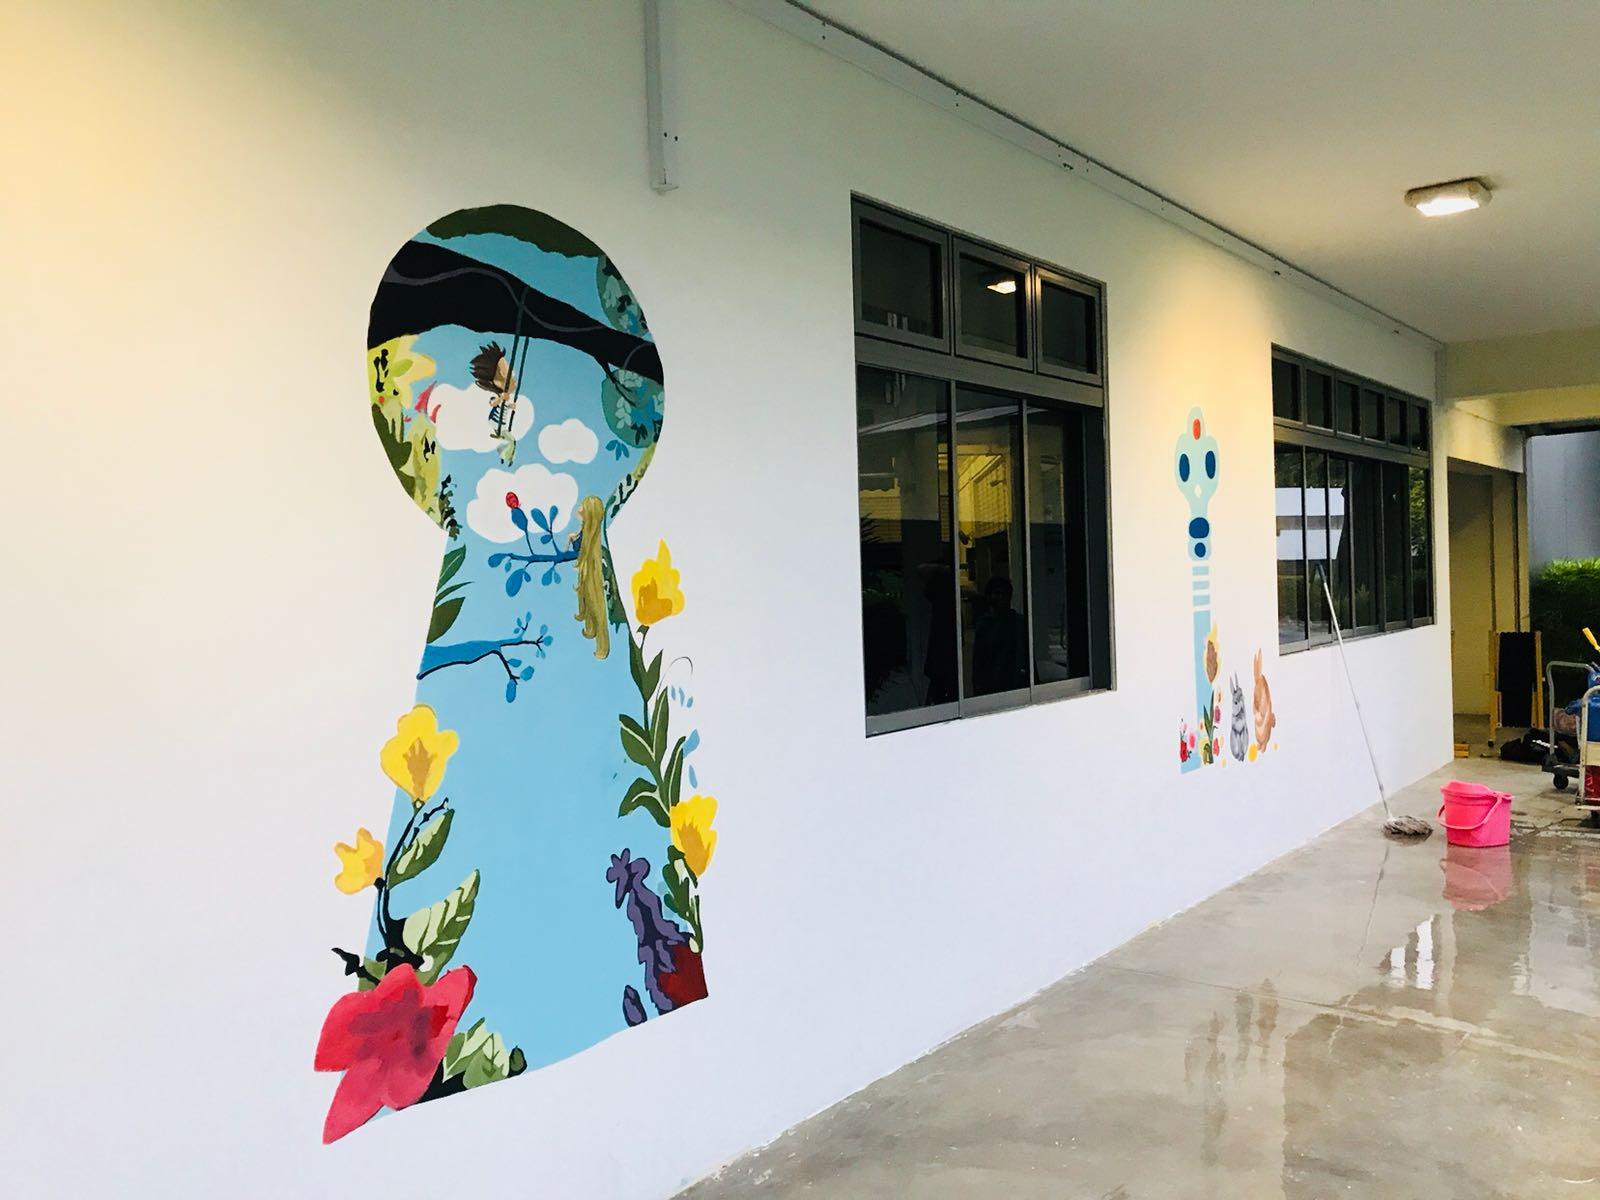 Wall mural Edenschool_12.JPG